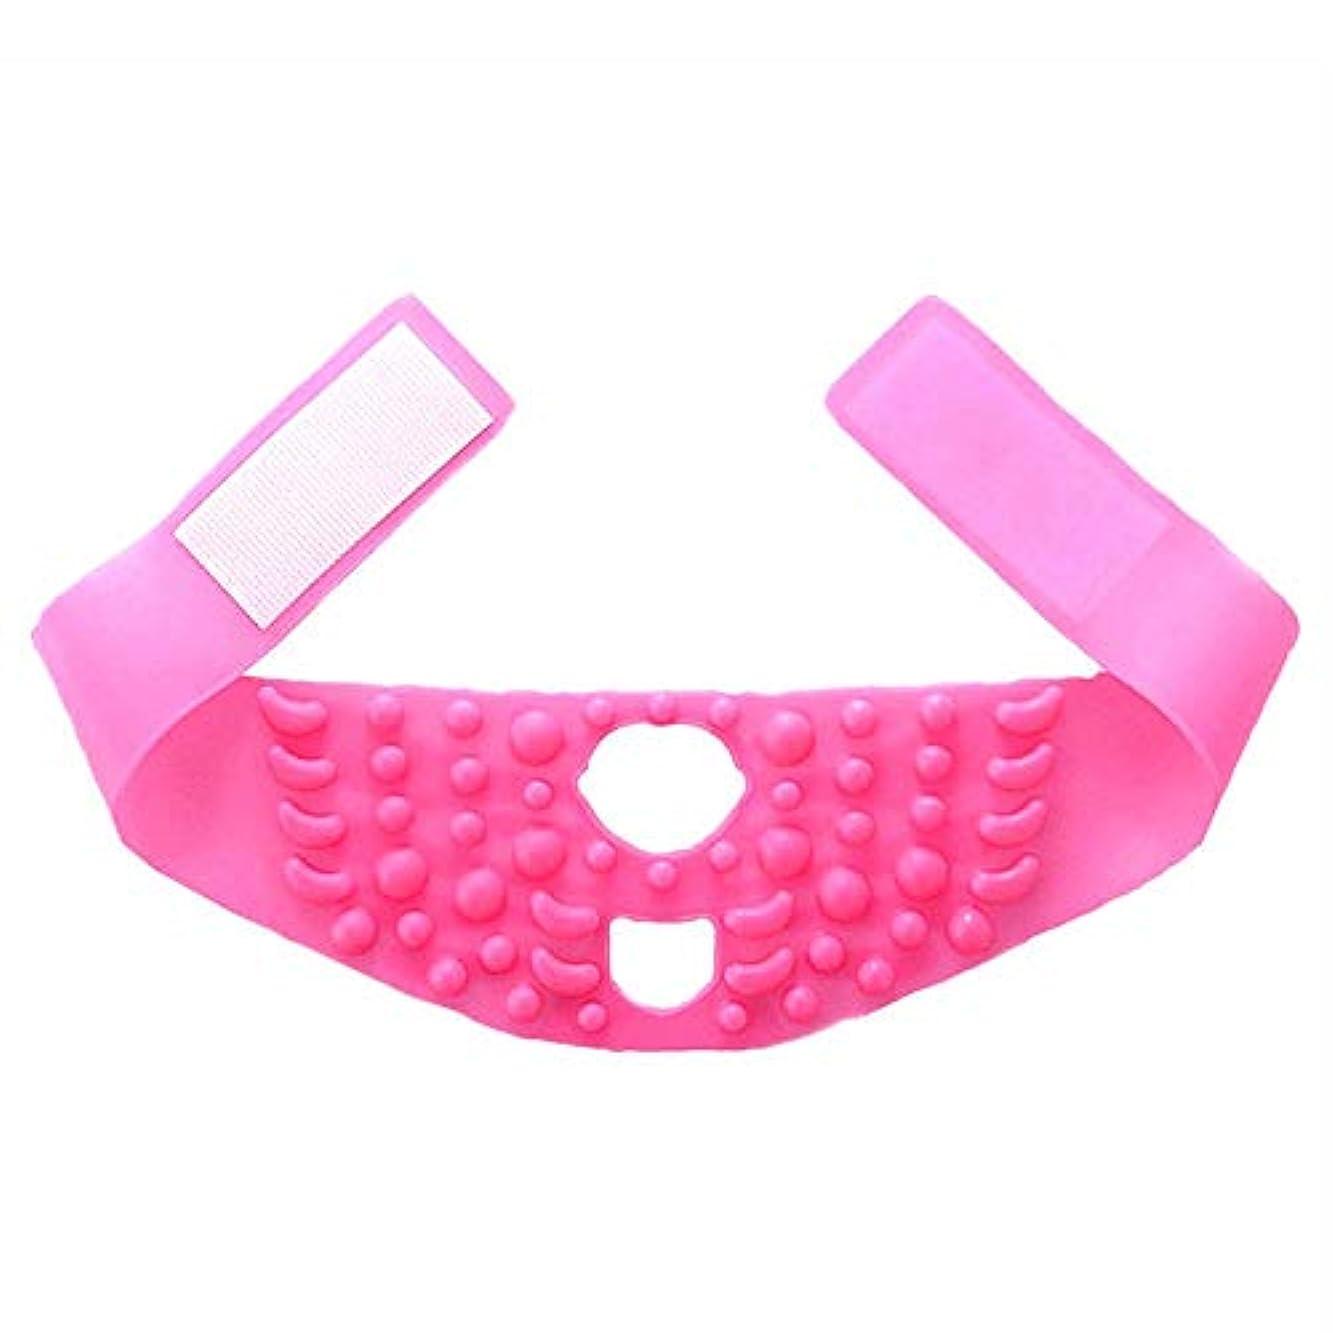 タイルタイプ軍団飛強強 シンフェイスマスクシリコーンマッサージ引き締まった形の小さなVフェイスリフティングに薄いフェイスアーティファクト包帯を飾る - ピンク スリムフィット美容ツール